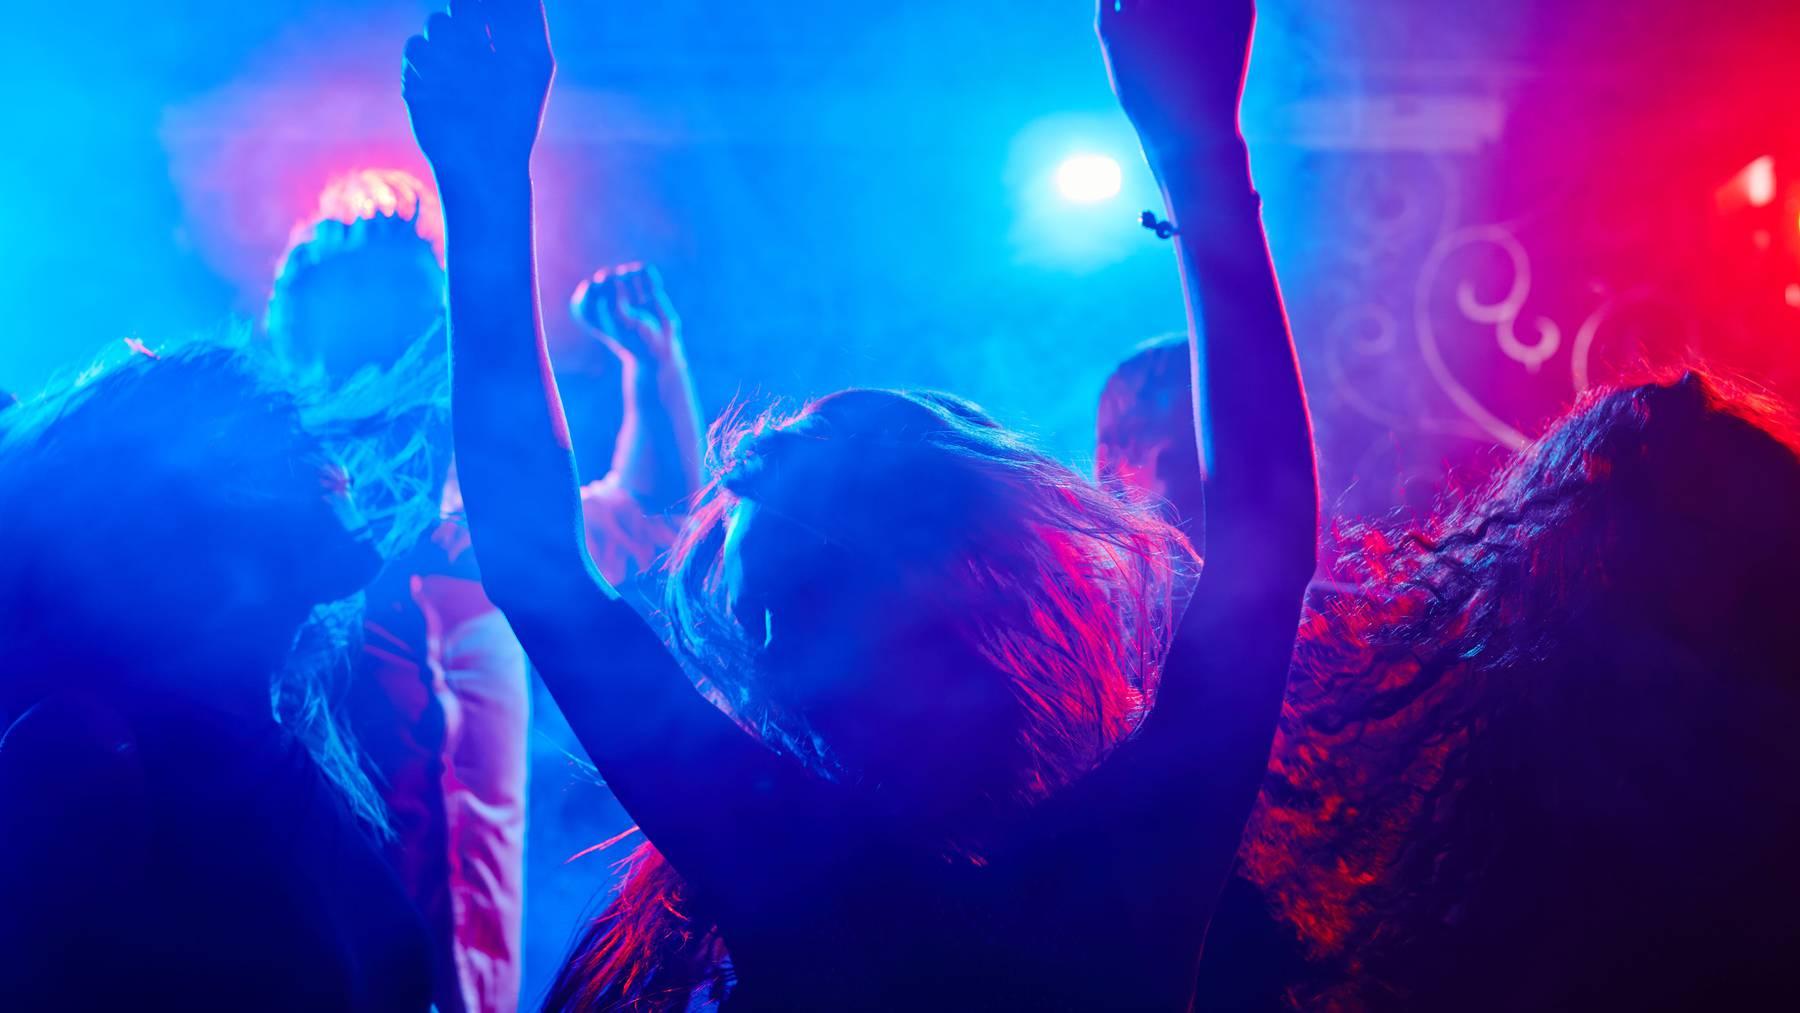 Gilt ab Donnerstag auch im Wallis: Tanzen in Nachtclubs ist höchstens noch für 100 Personen gleichzeitig erlaubt. (Symbolbild)